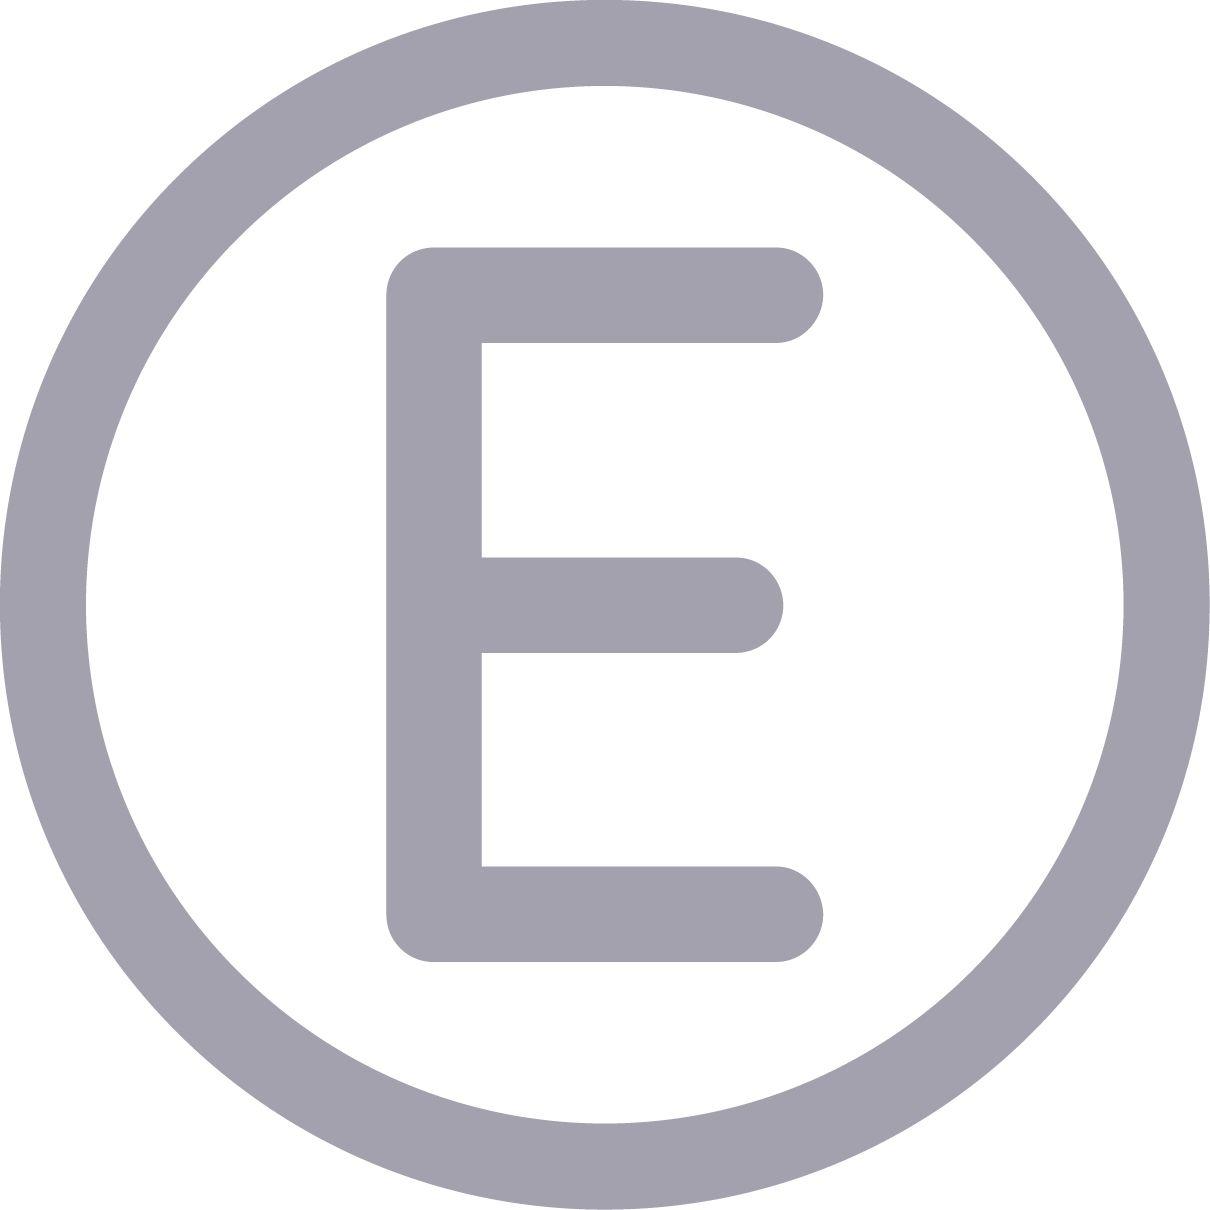 E symbol basic